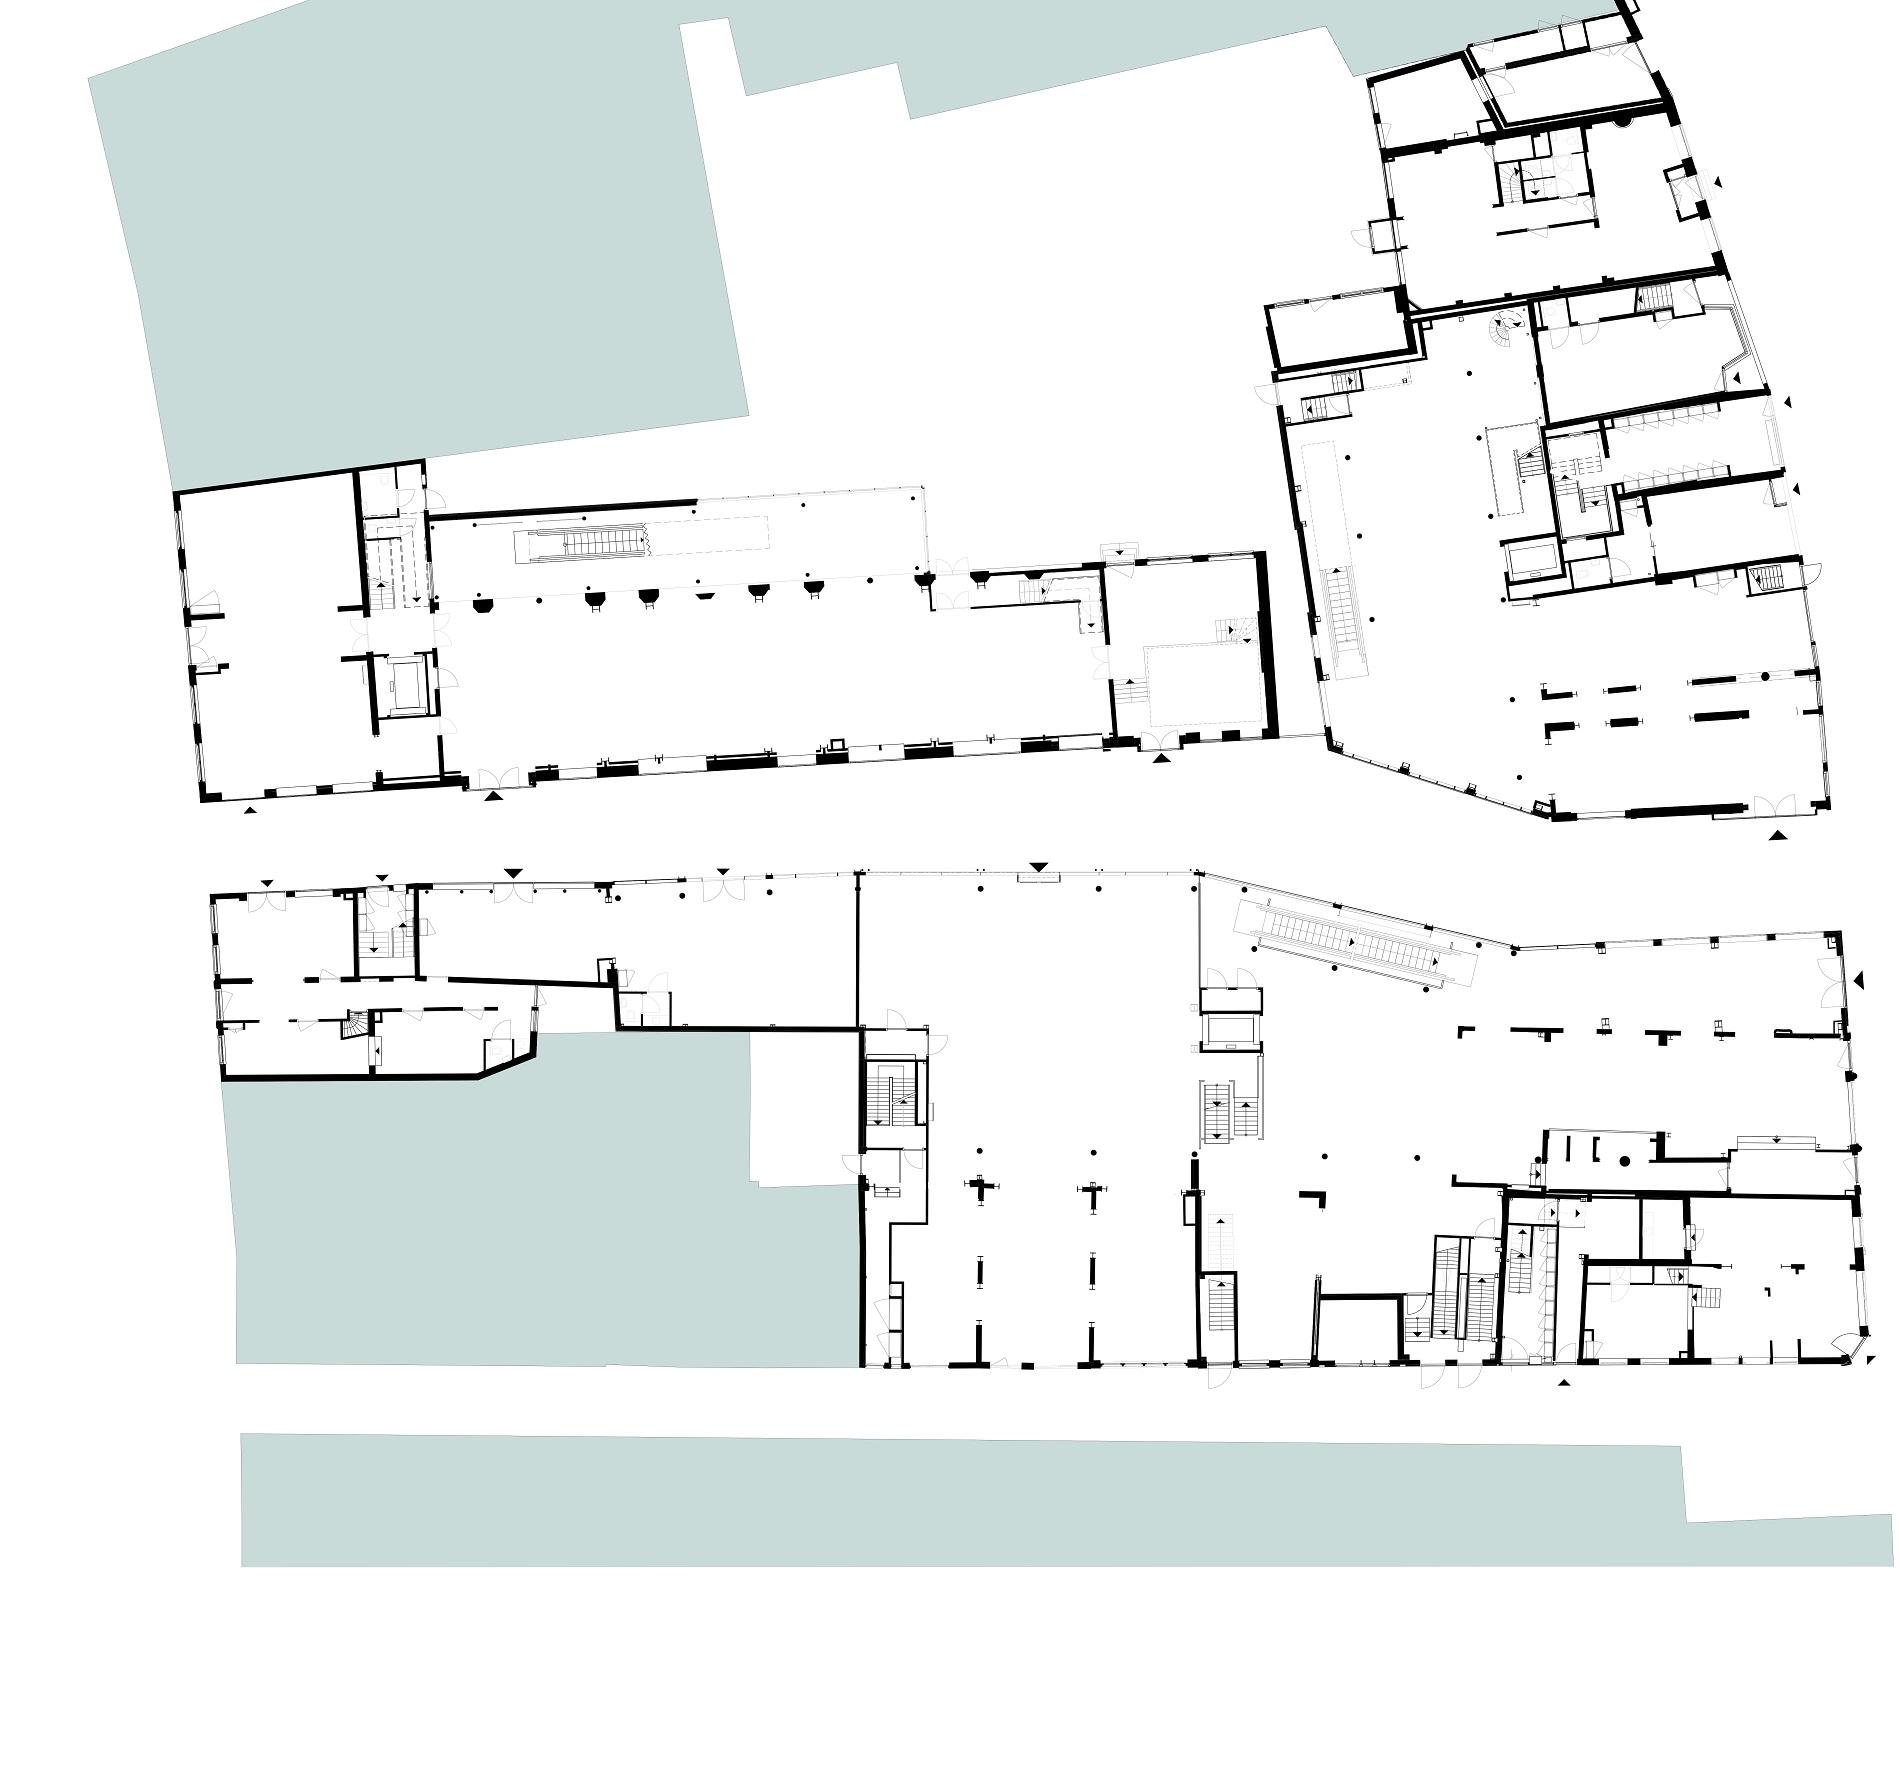 Plattegrond van Catharinasteeg en Aalmarkt in Leiden door Rijnboutt